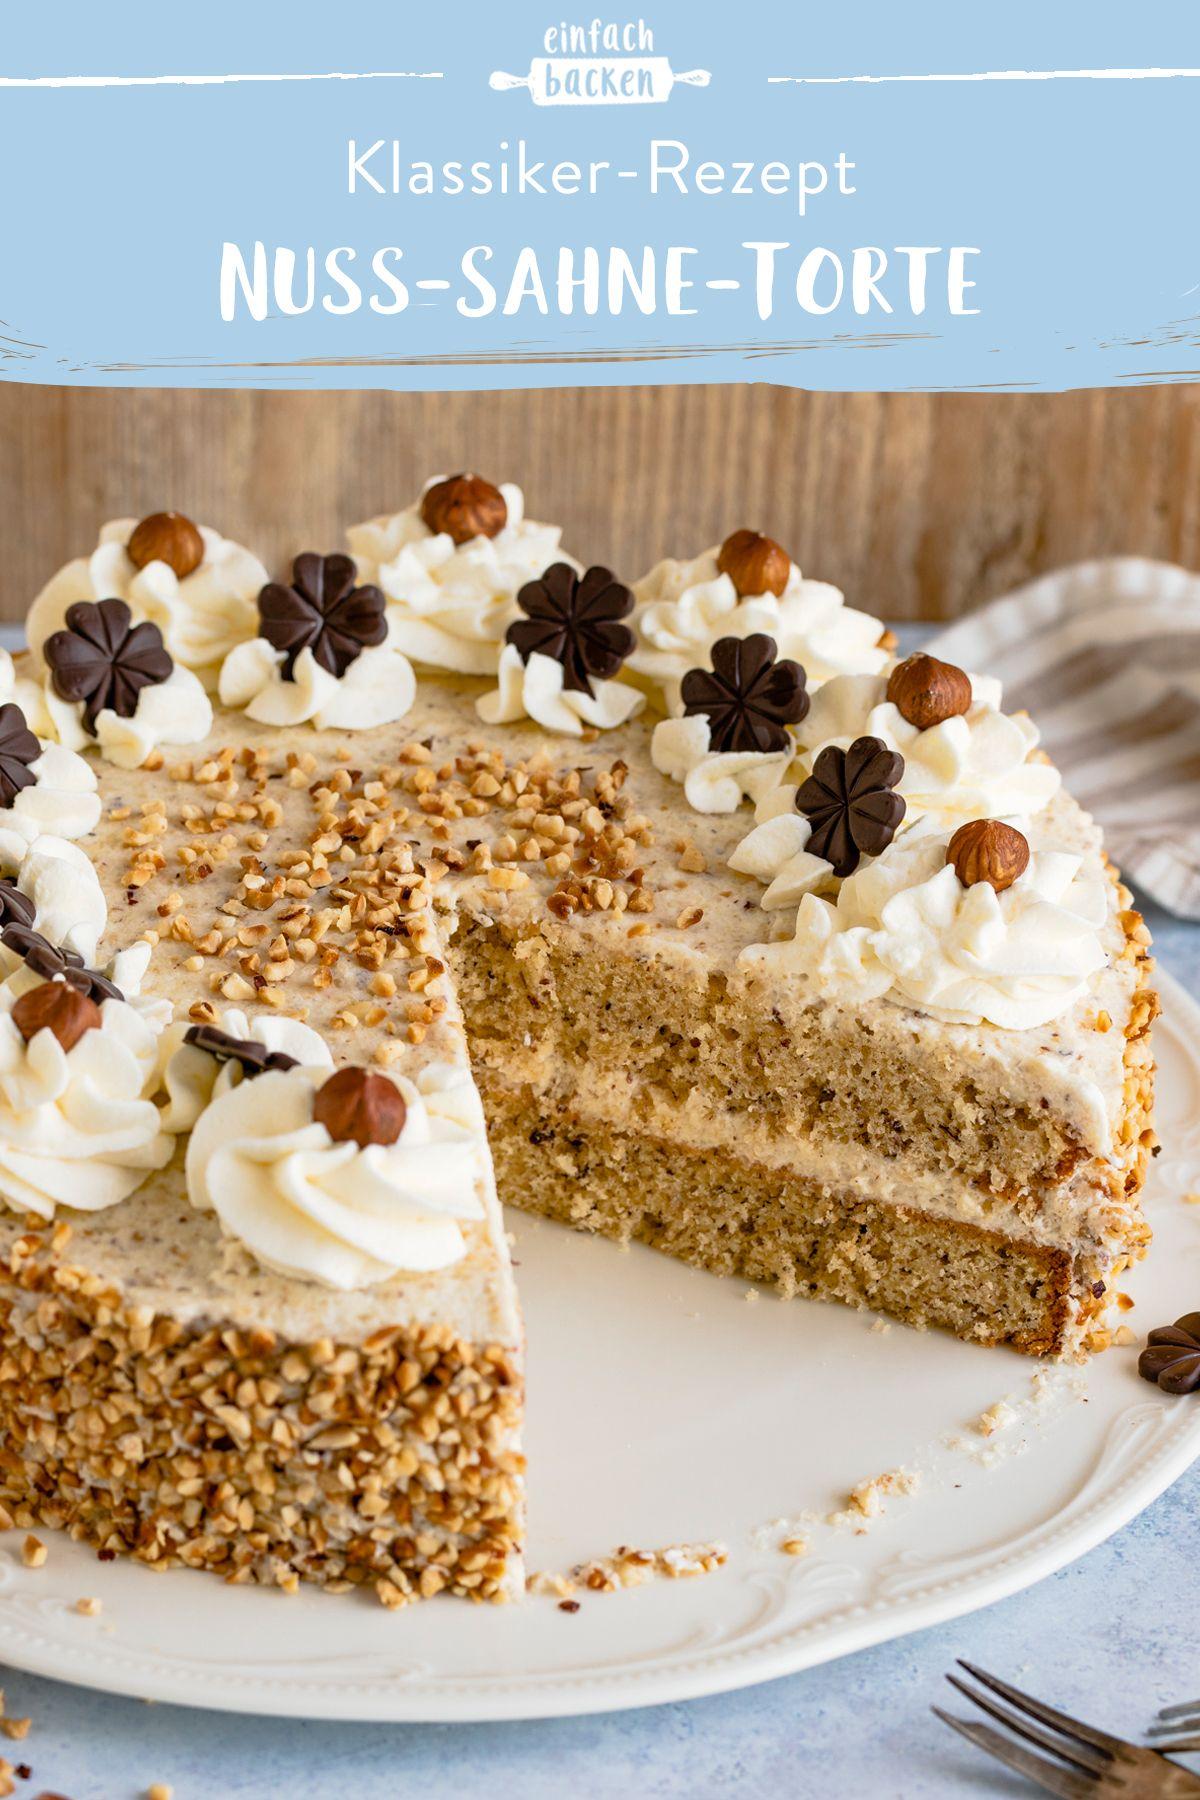 Nuss Sahne Torte Rezept In 2020 Mit Bildern Nuss Sahne Torte